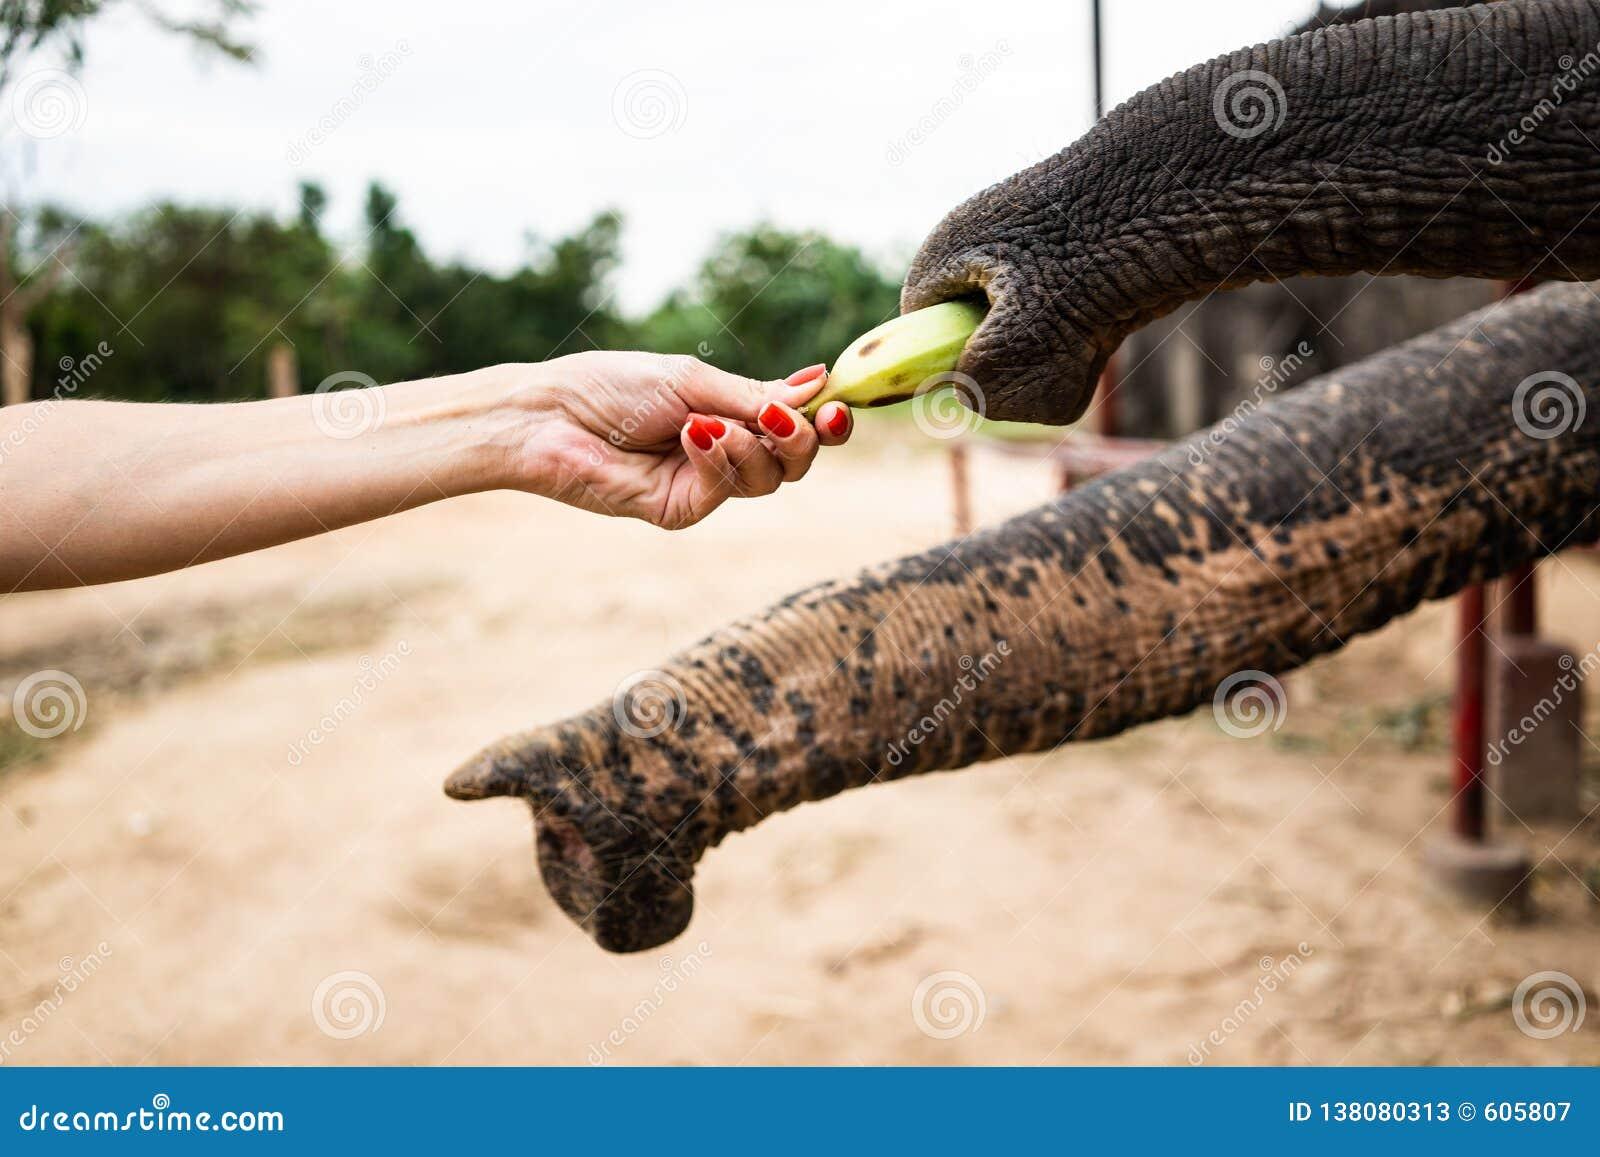 Рука при банан подавая к слону Рука людей питание банан к хоботу слона в парке зоопарка публикация